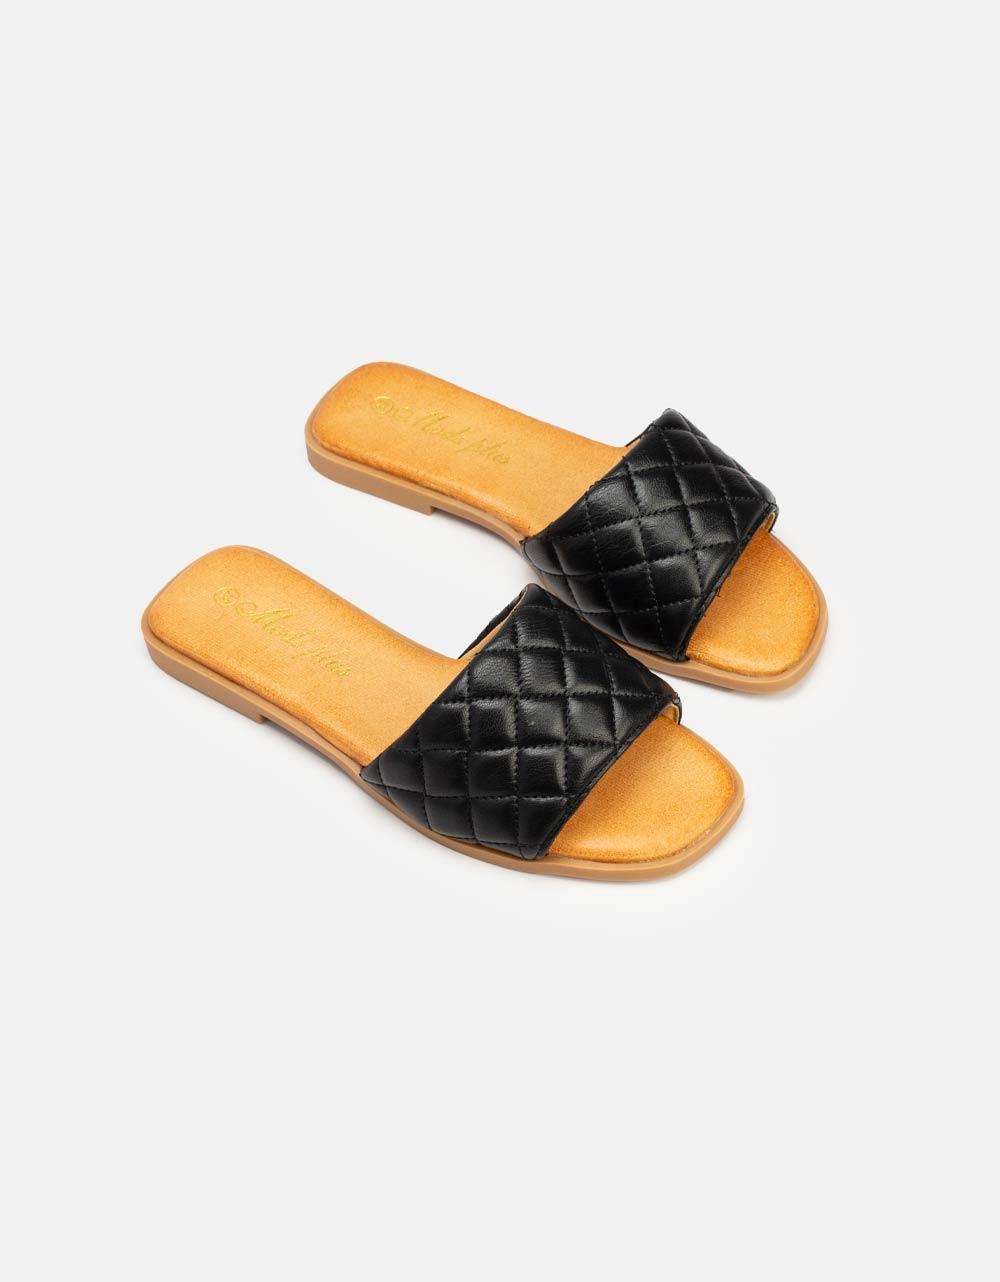 Εικόνα από Γυναικεία σανδάλια με αφρόδη πάτο Μαύρο